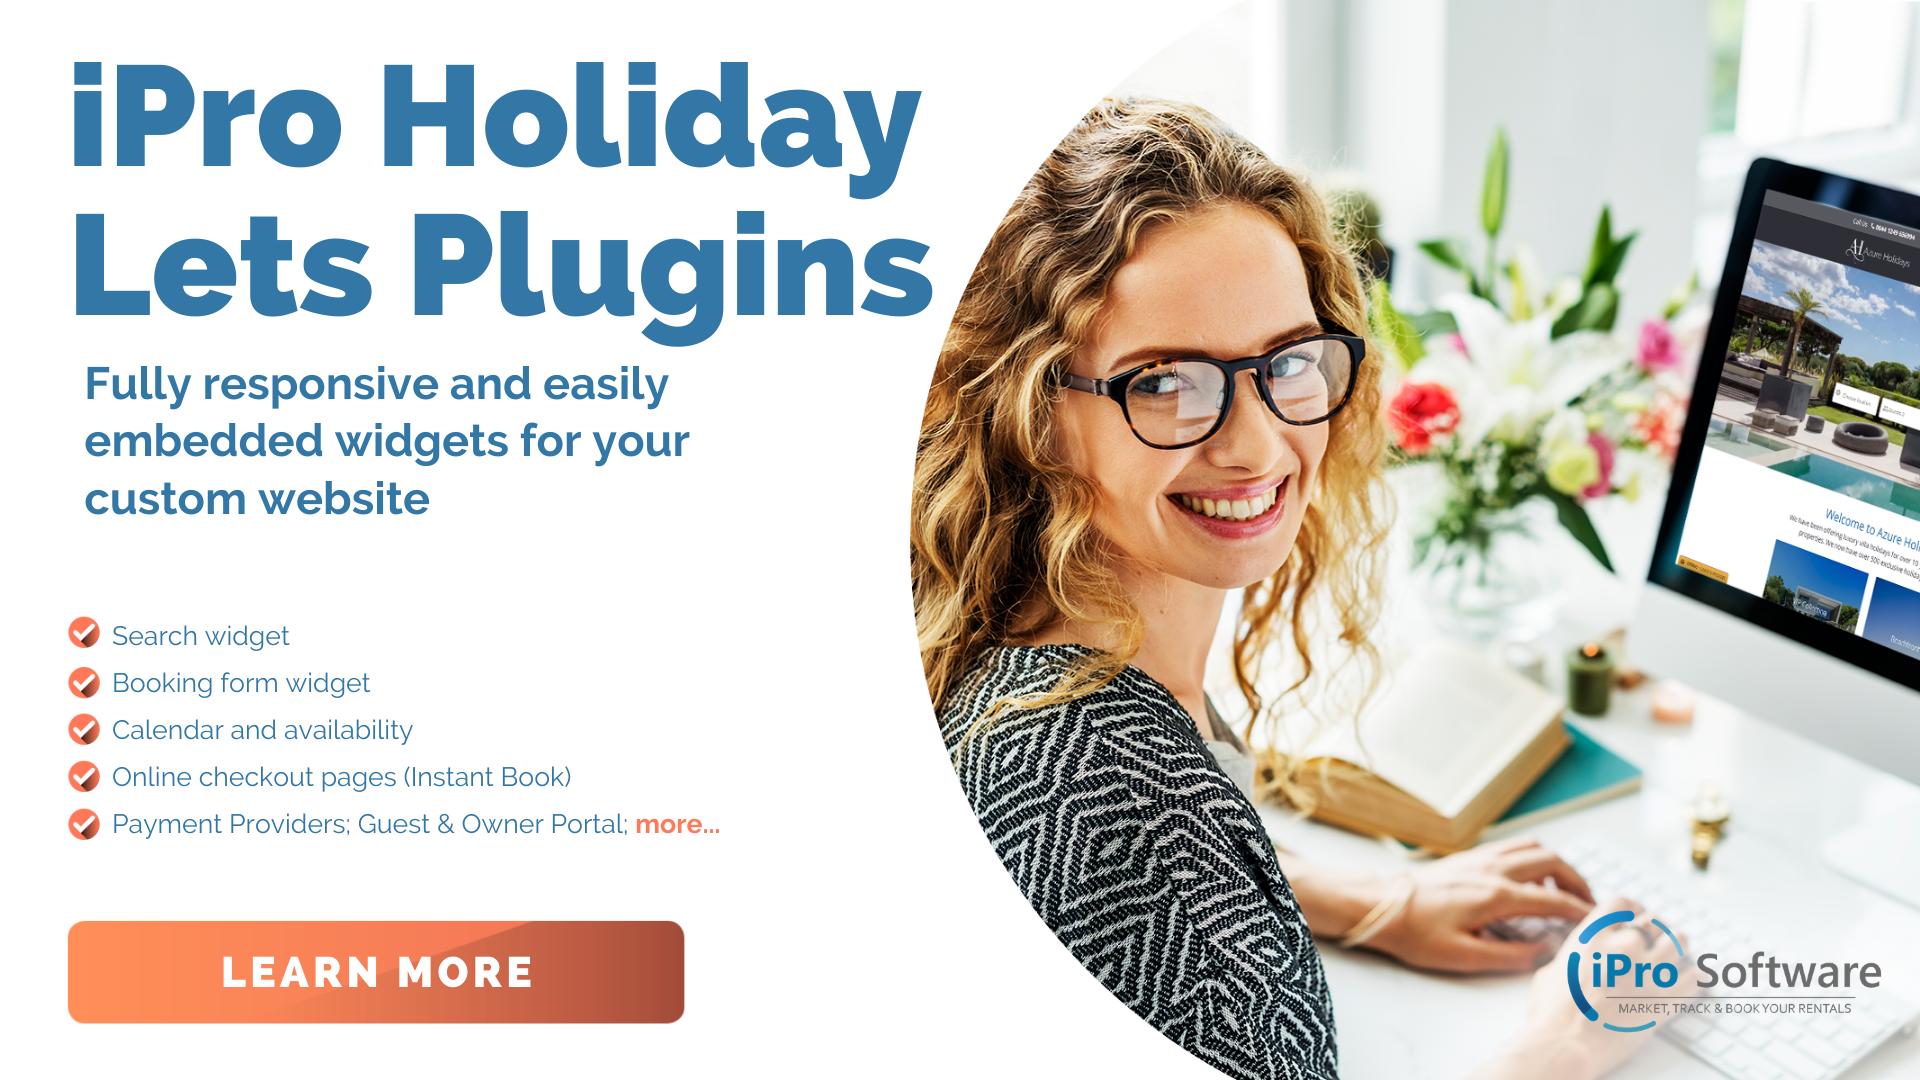 Holiday lets website plugins